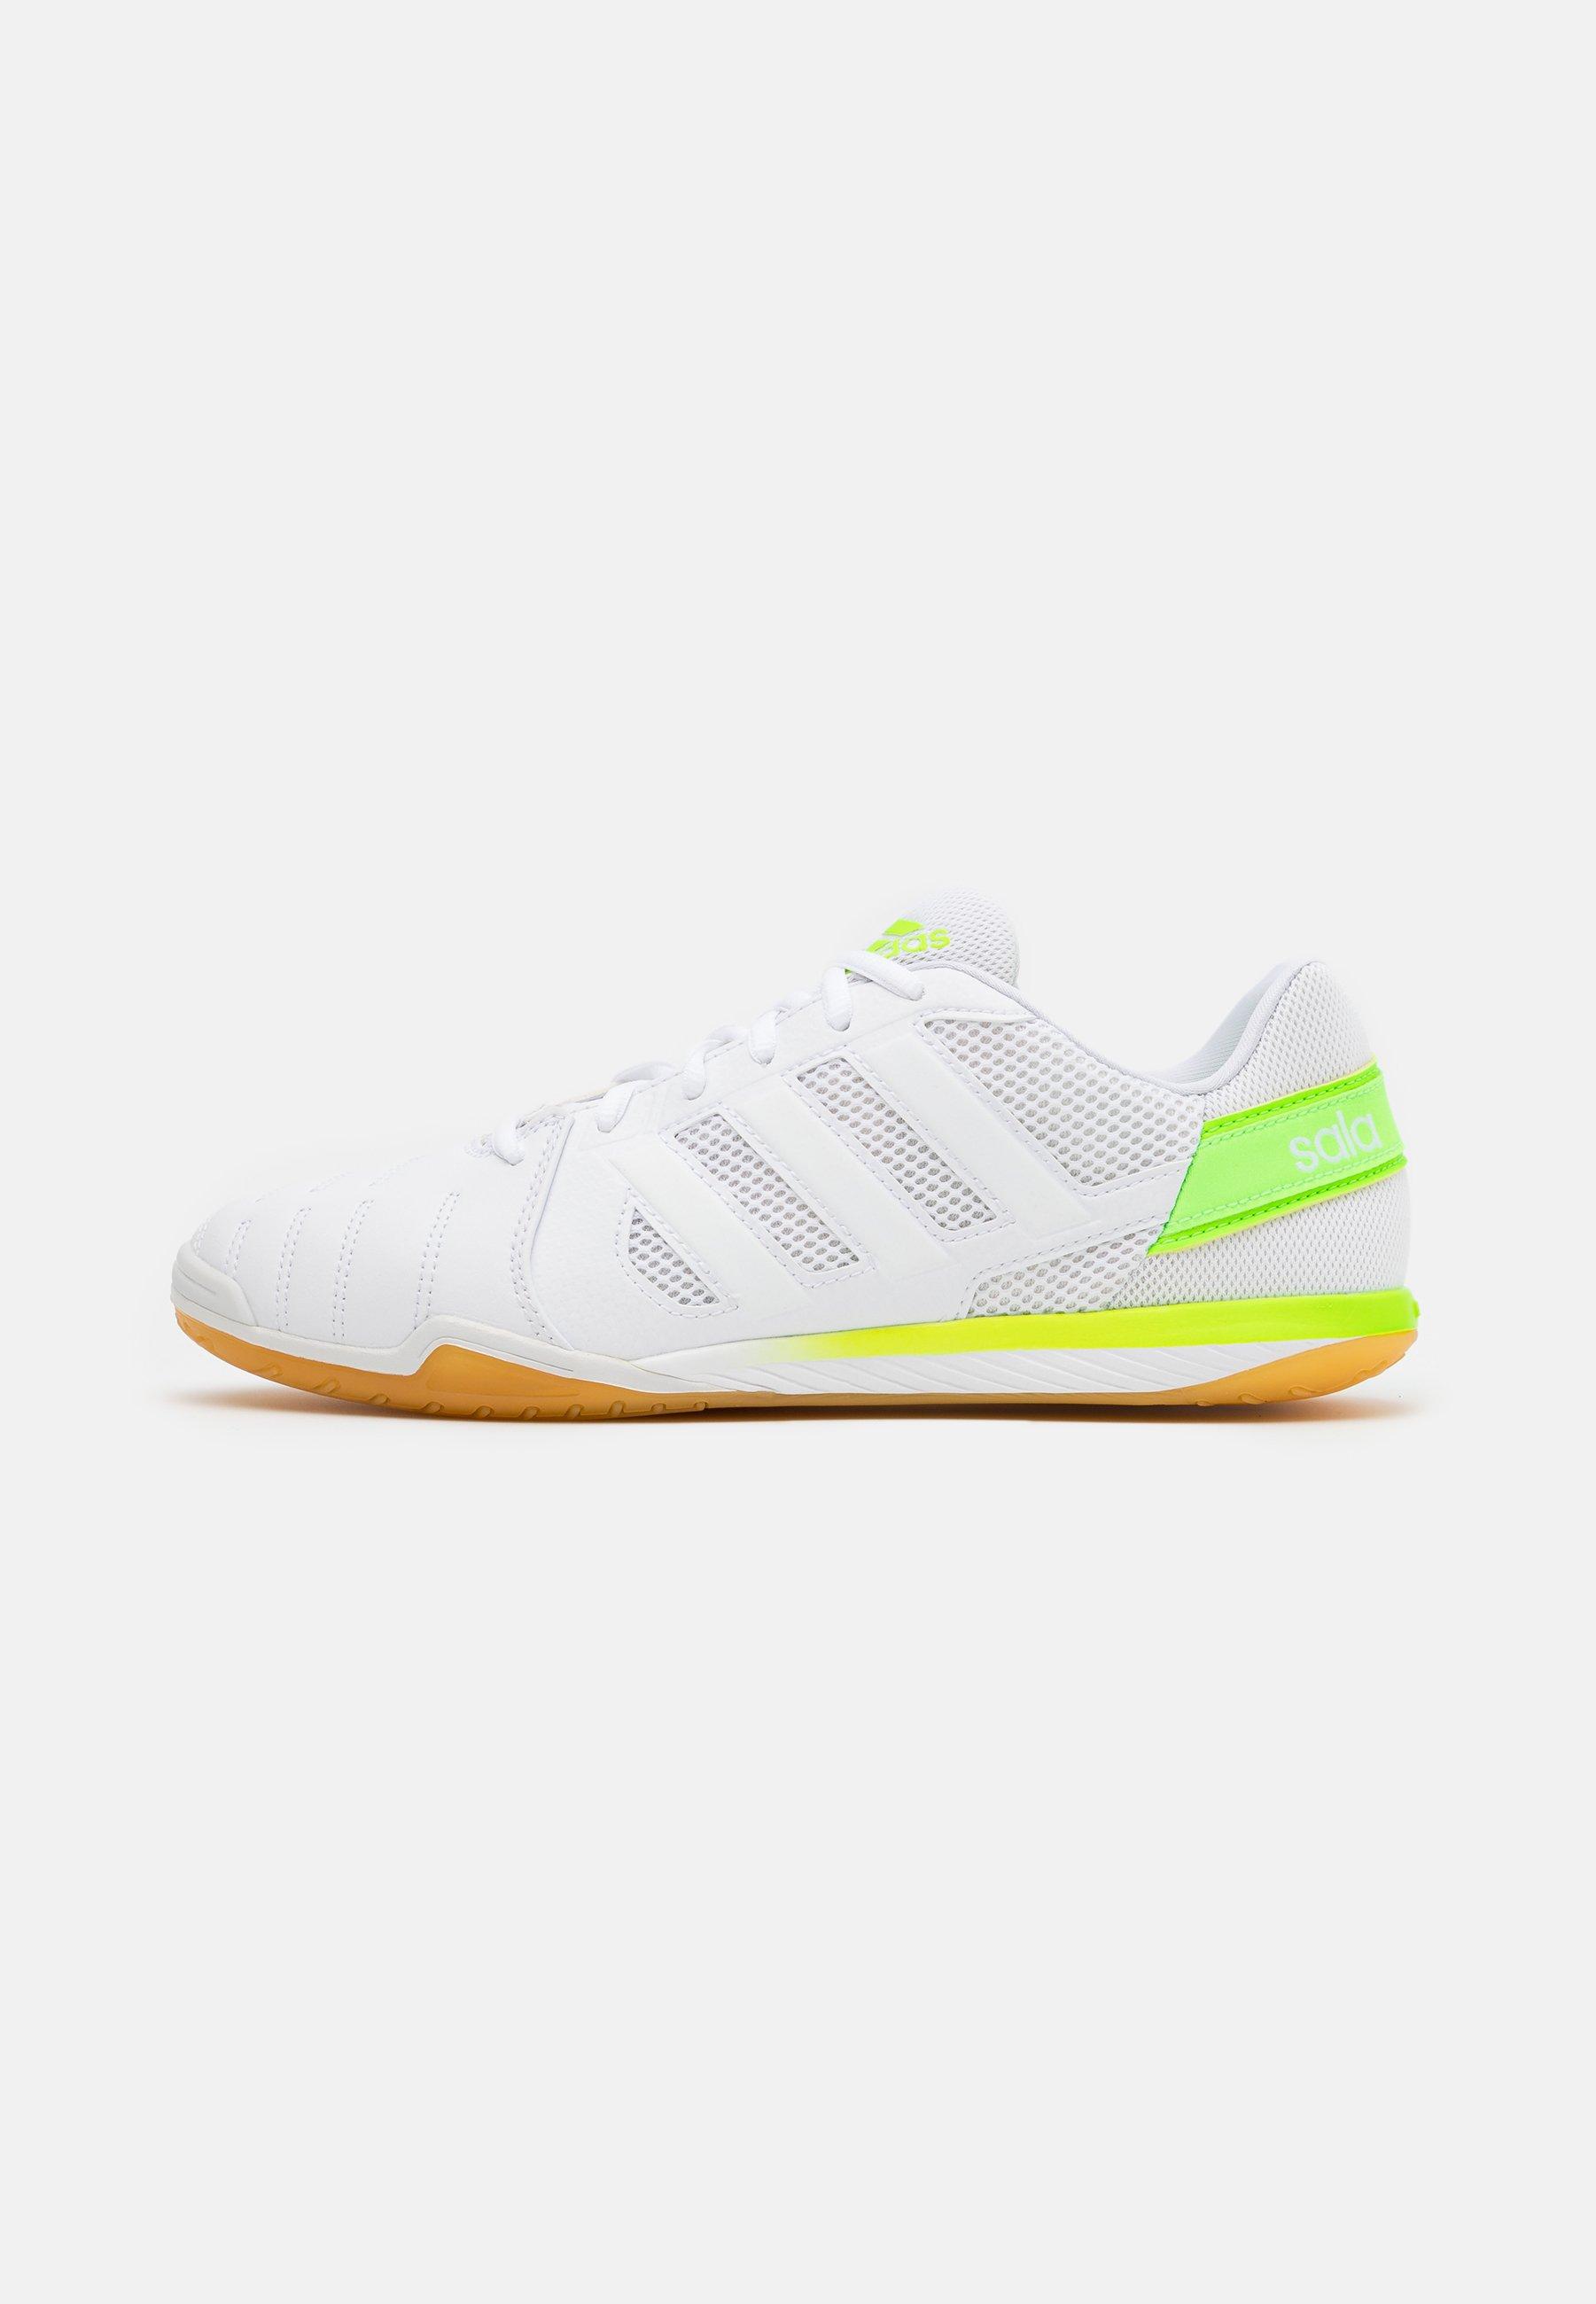 Homme TOP SALA - Chaussures de foot en salle